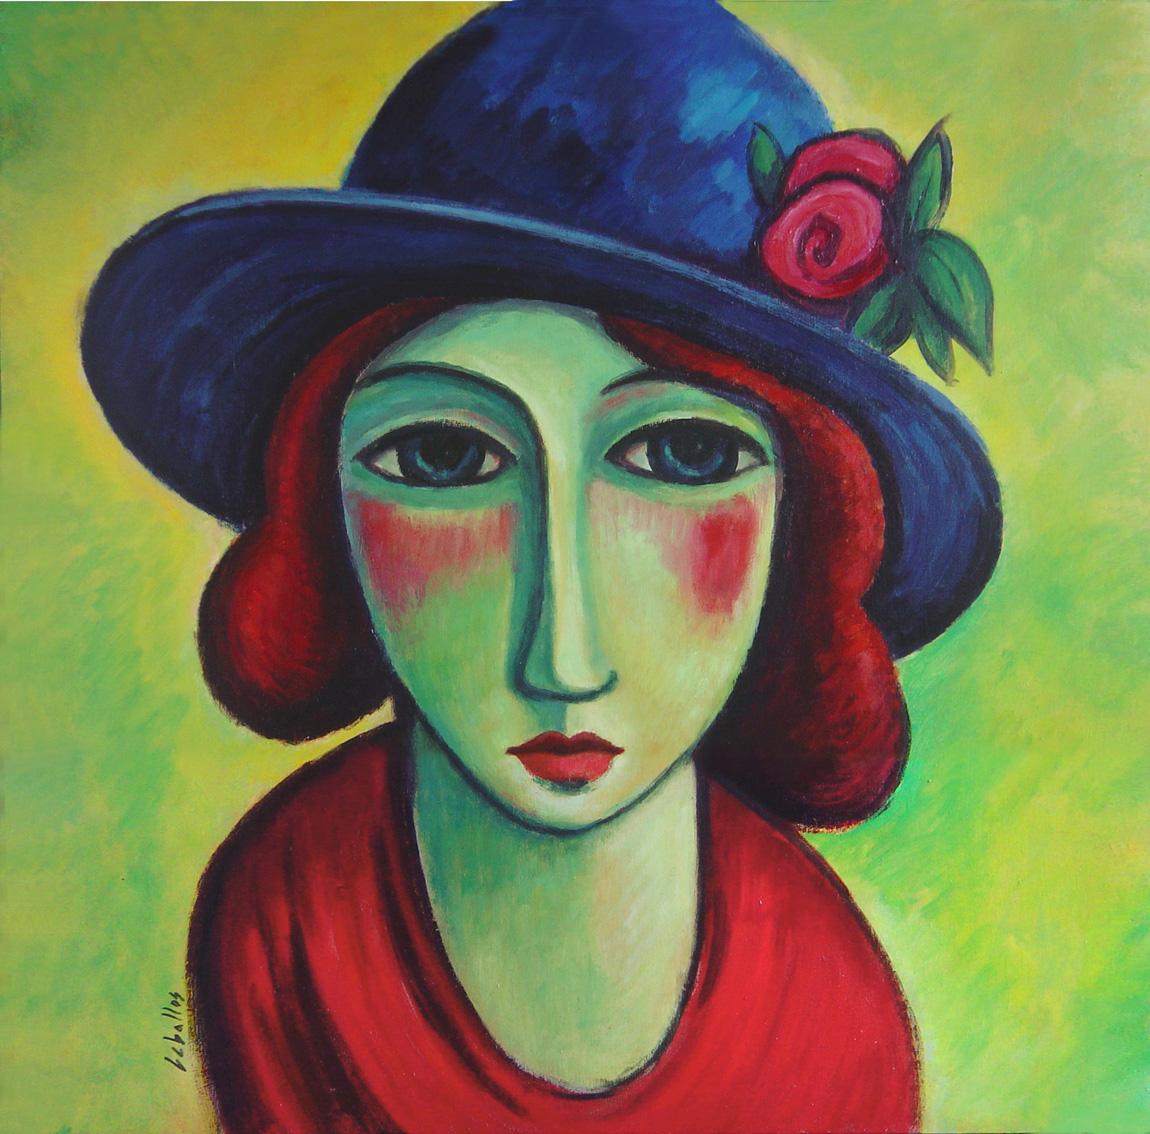 Pintar con colores acrílicos | Guillermo Martí Ceballos Pintor ...